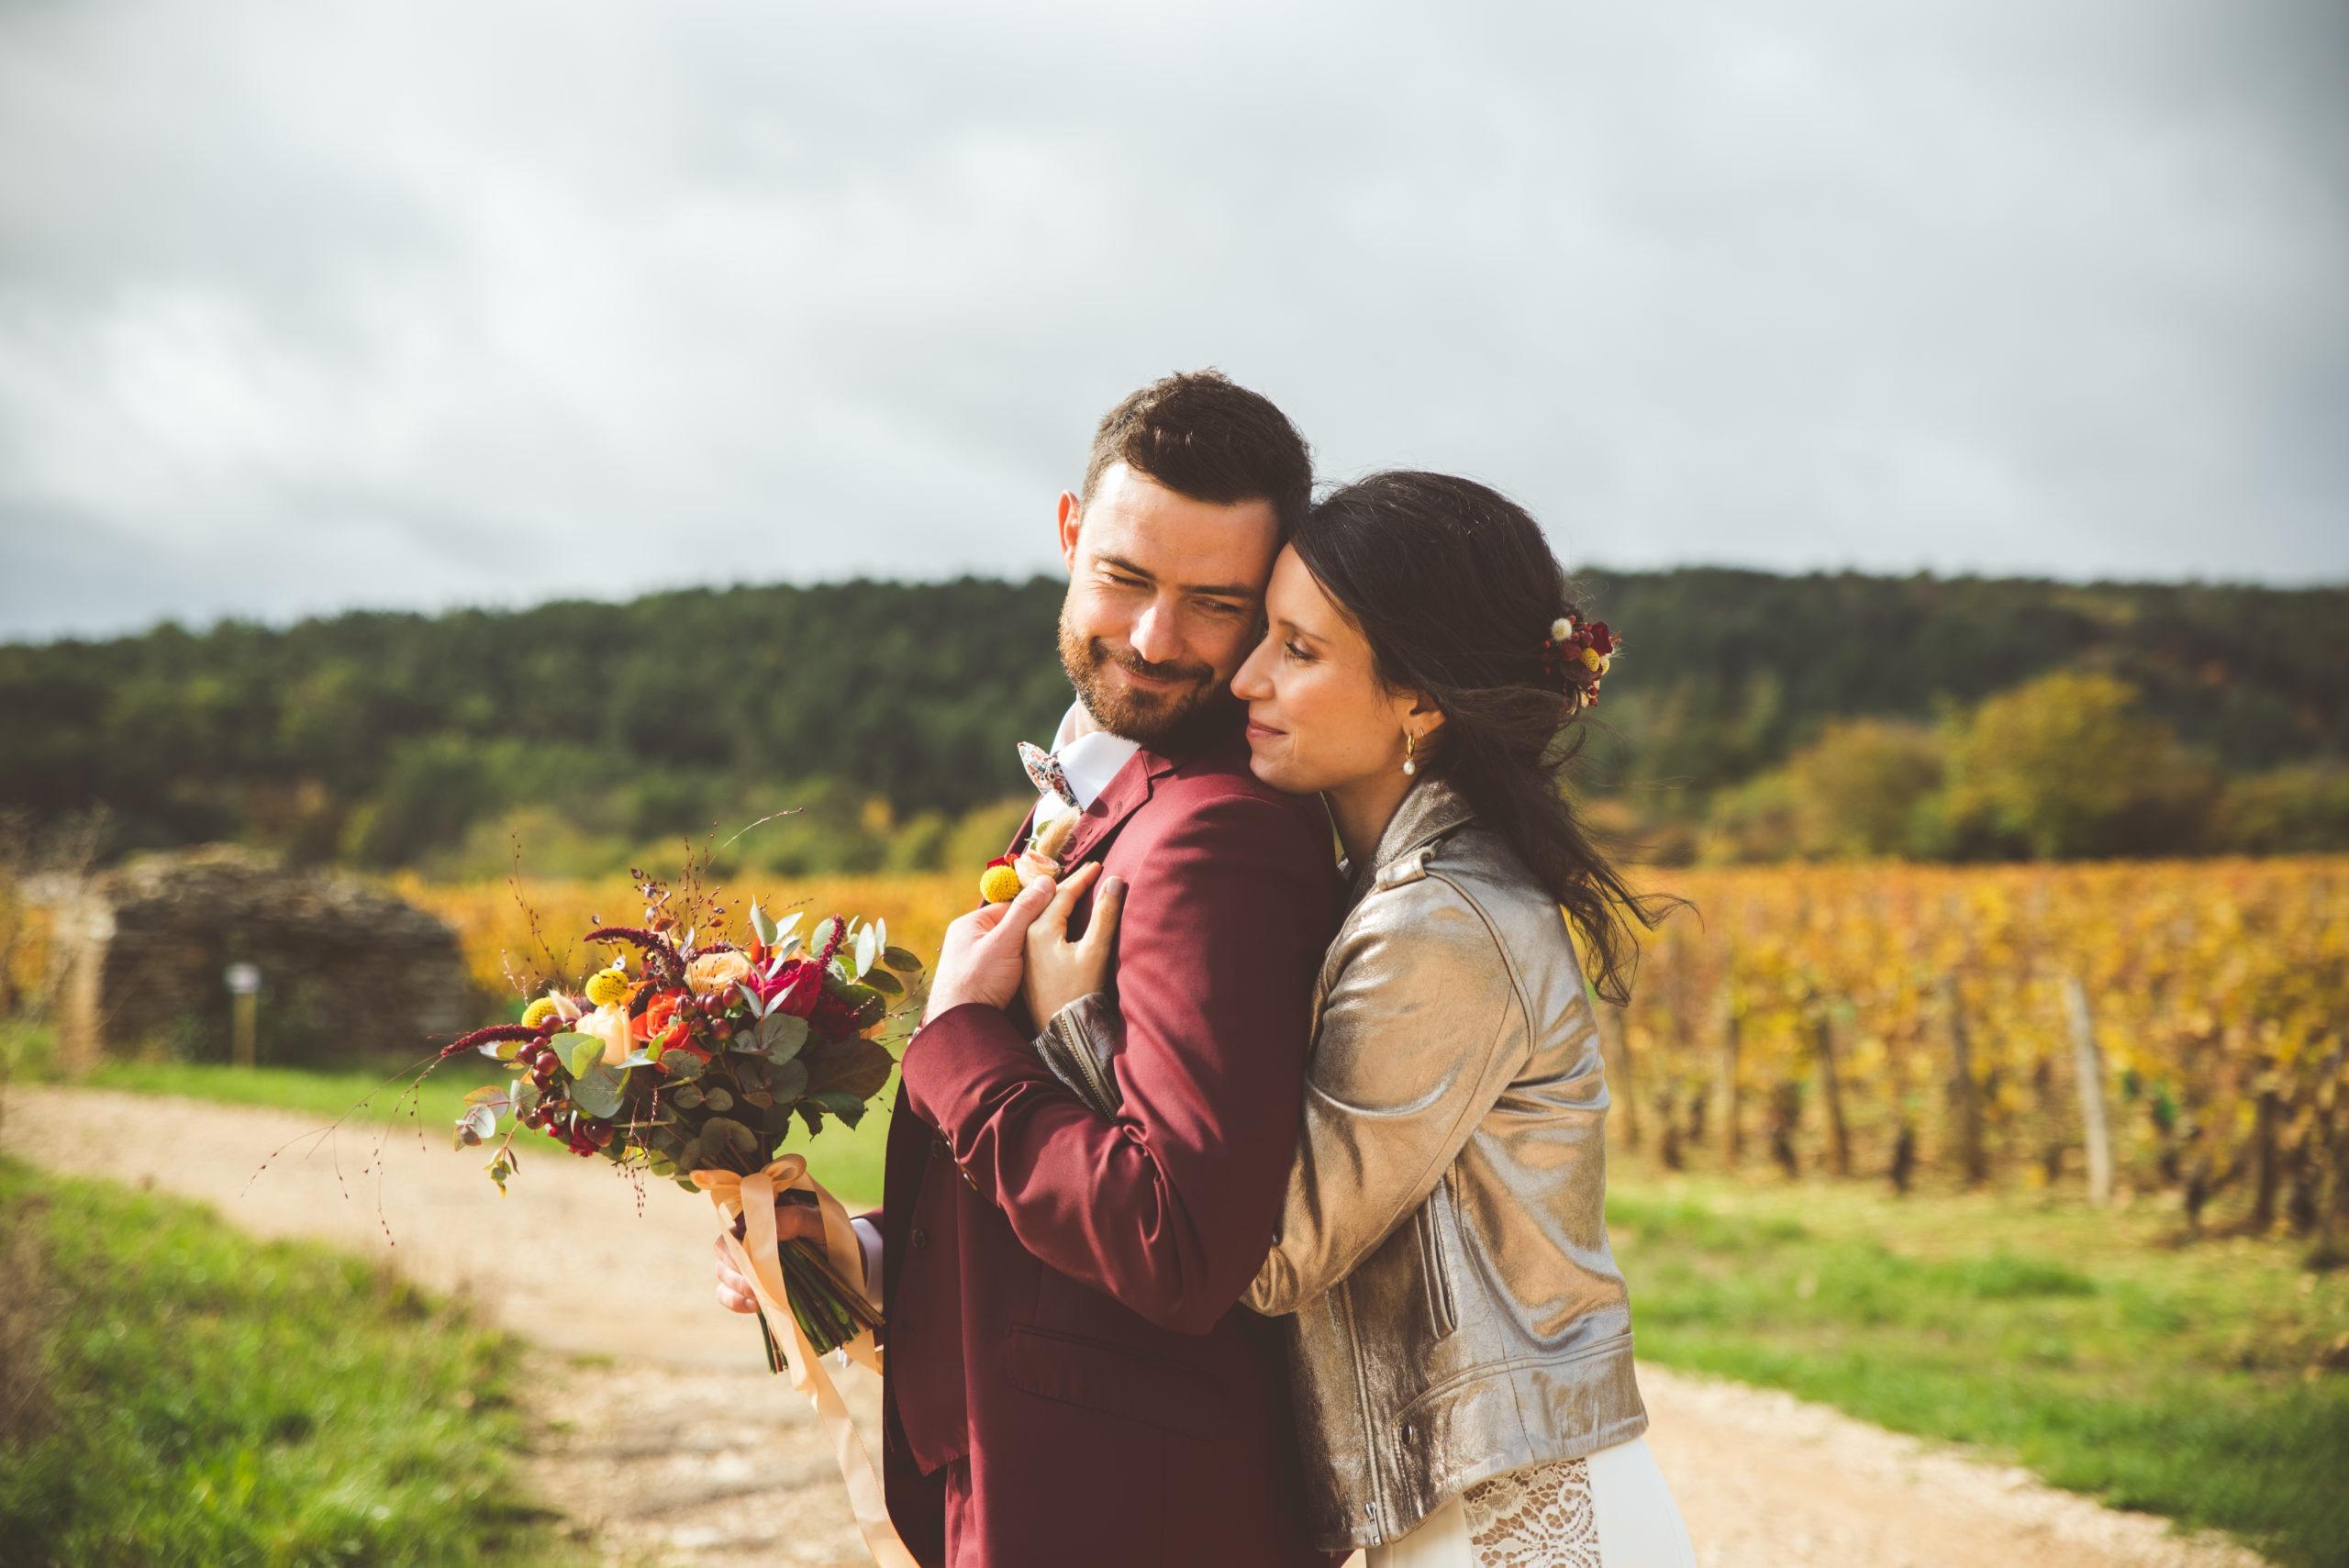 Mariage aux couleurs d'Automne en Côte-d'Or